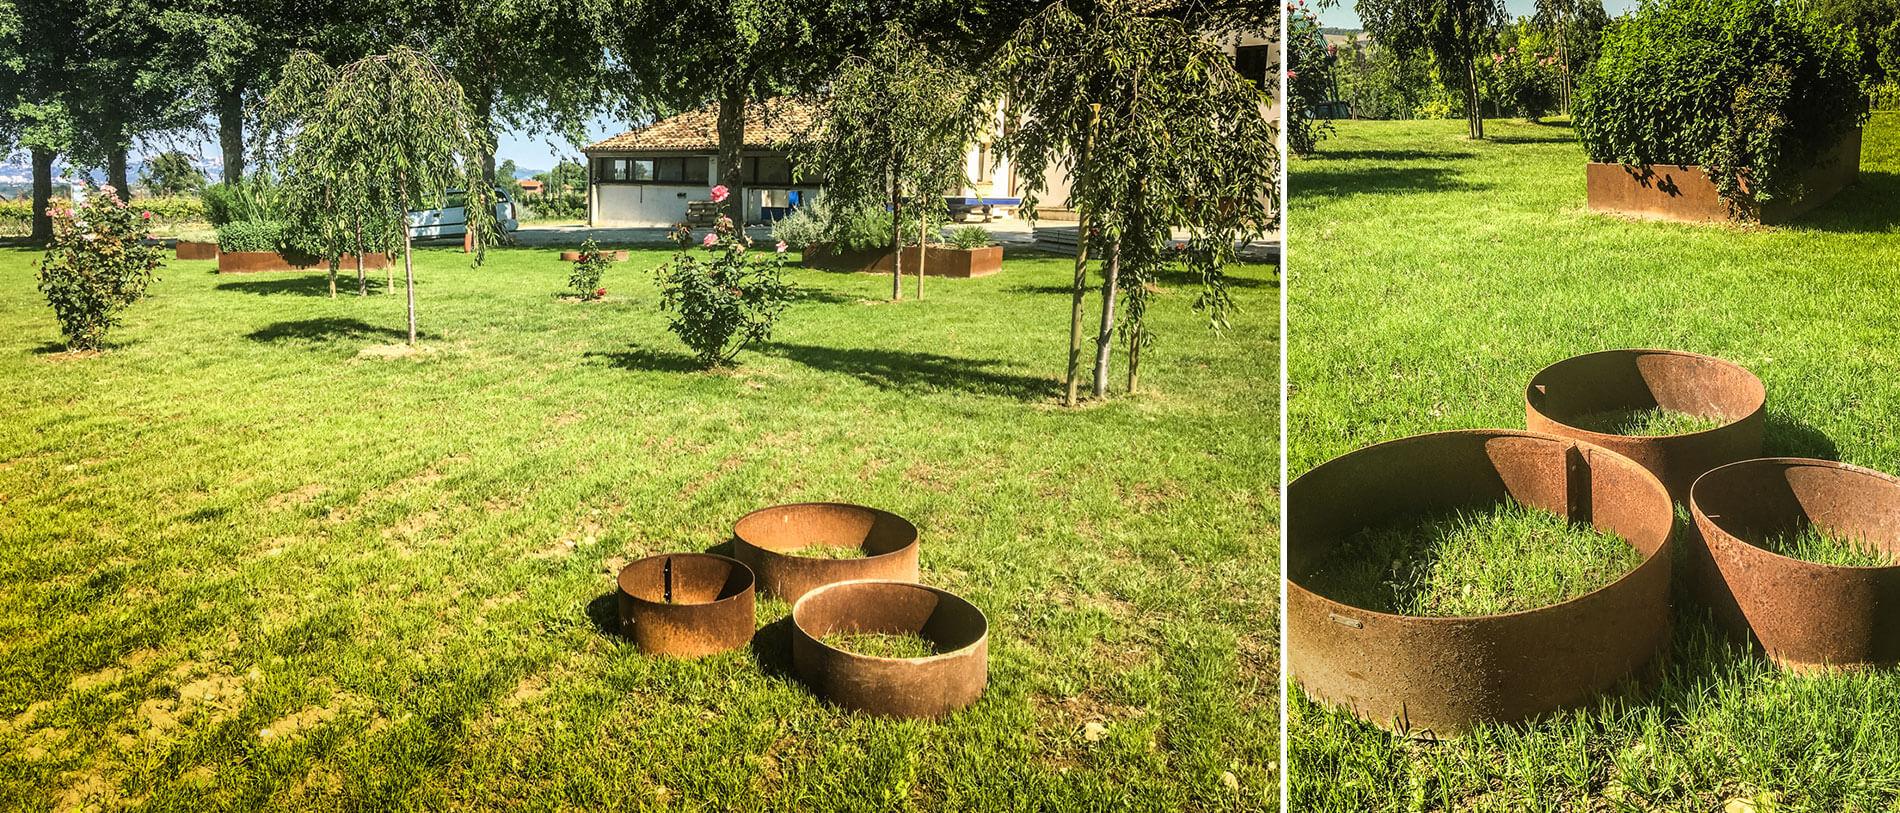 bordure-giardino-circolari